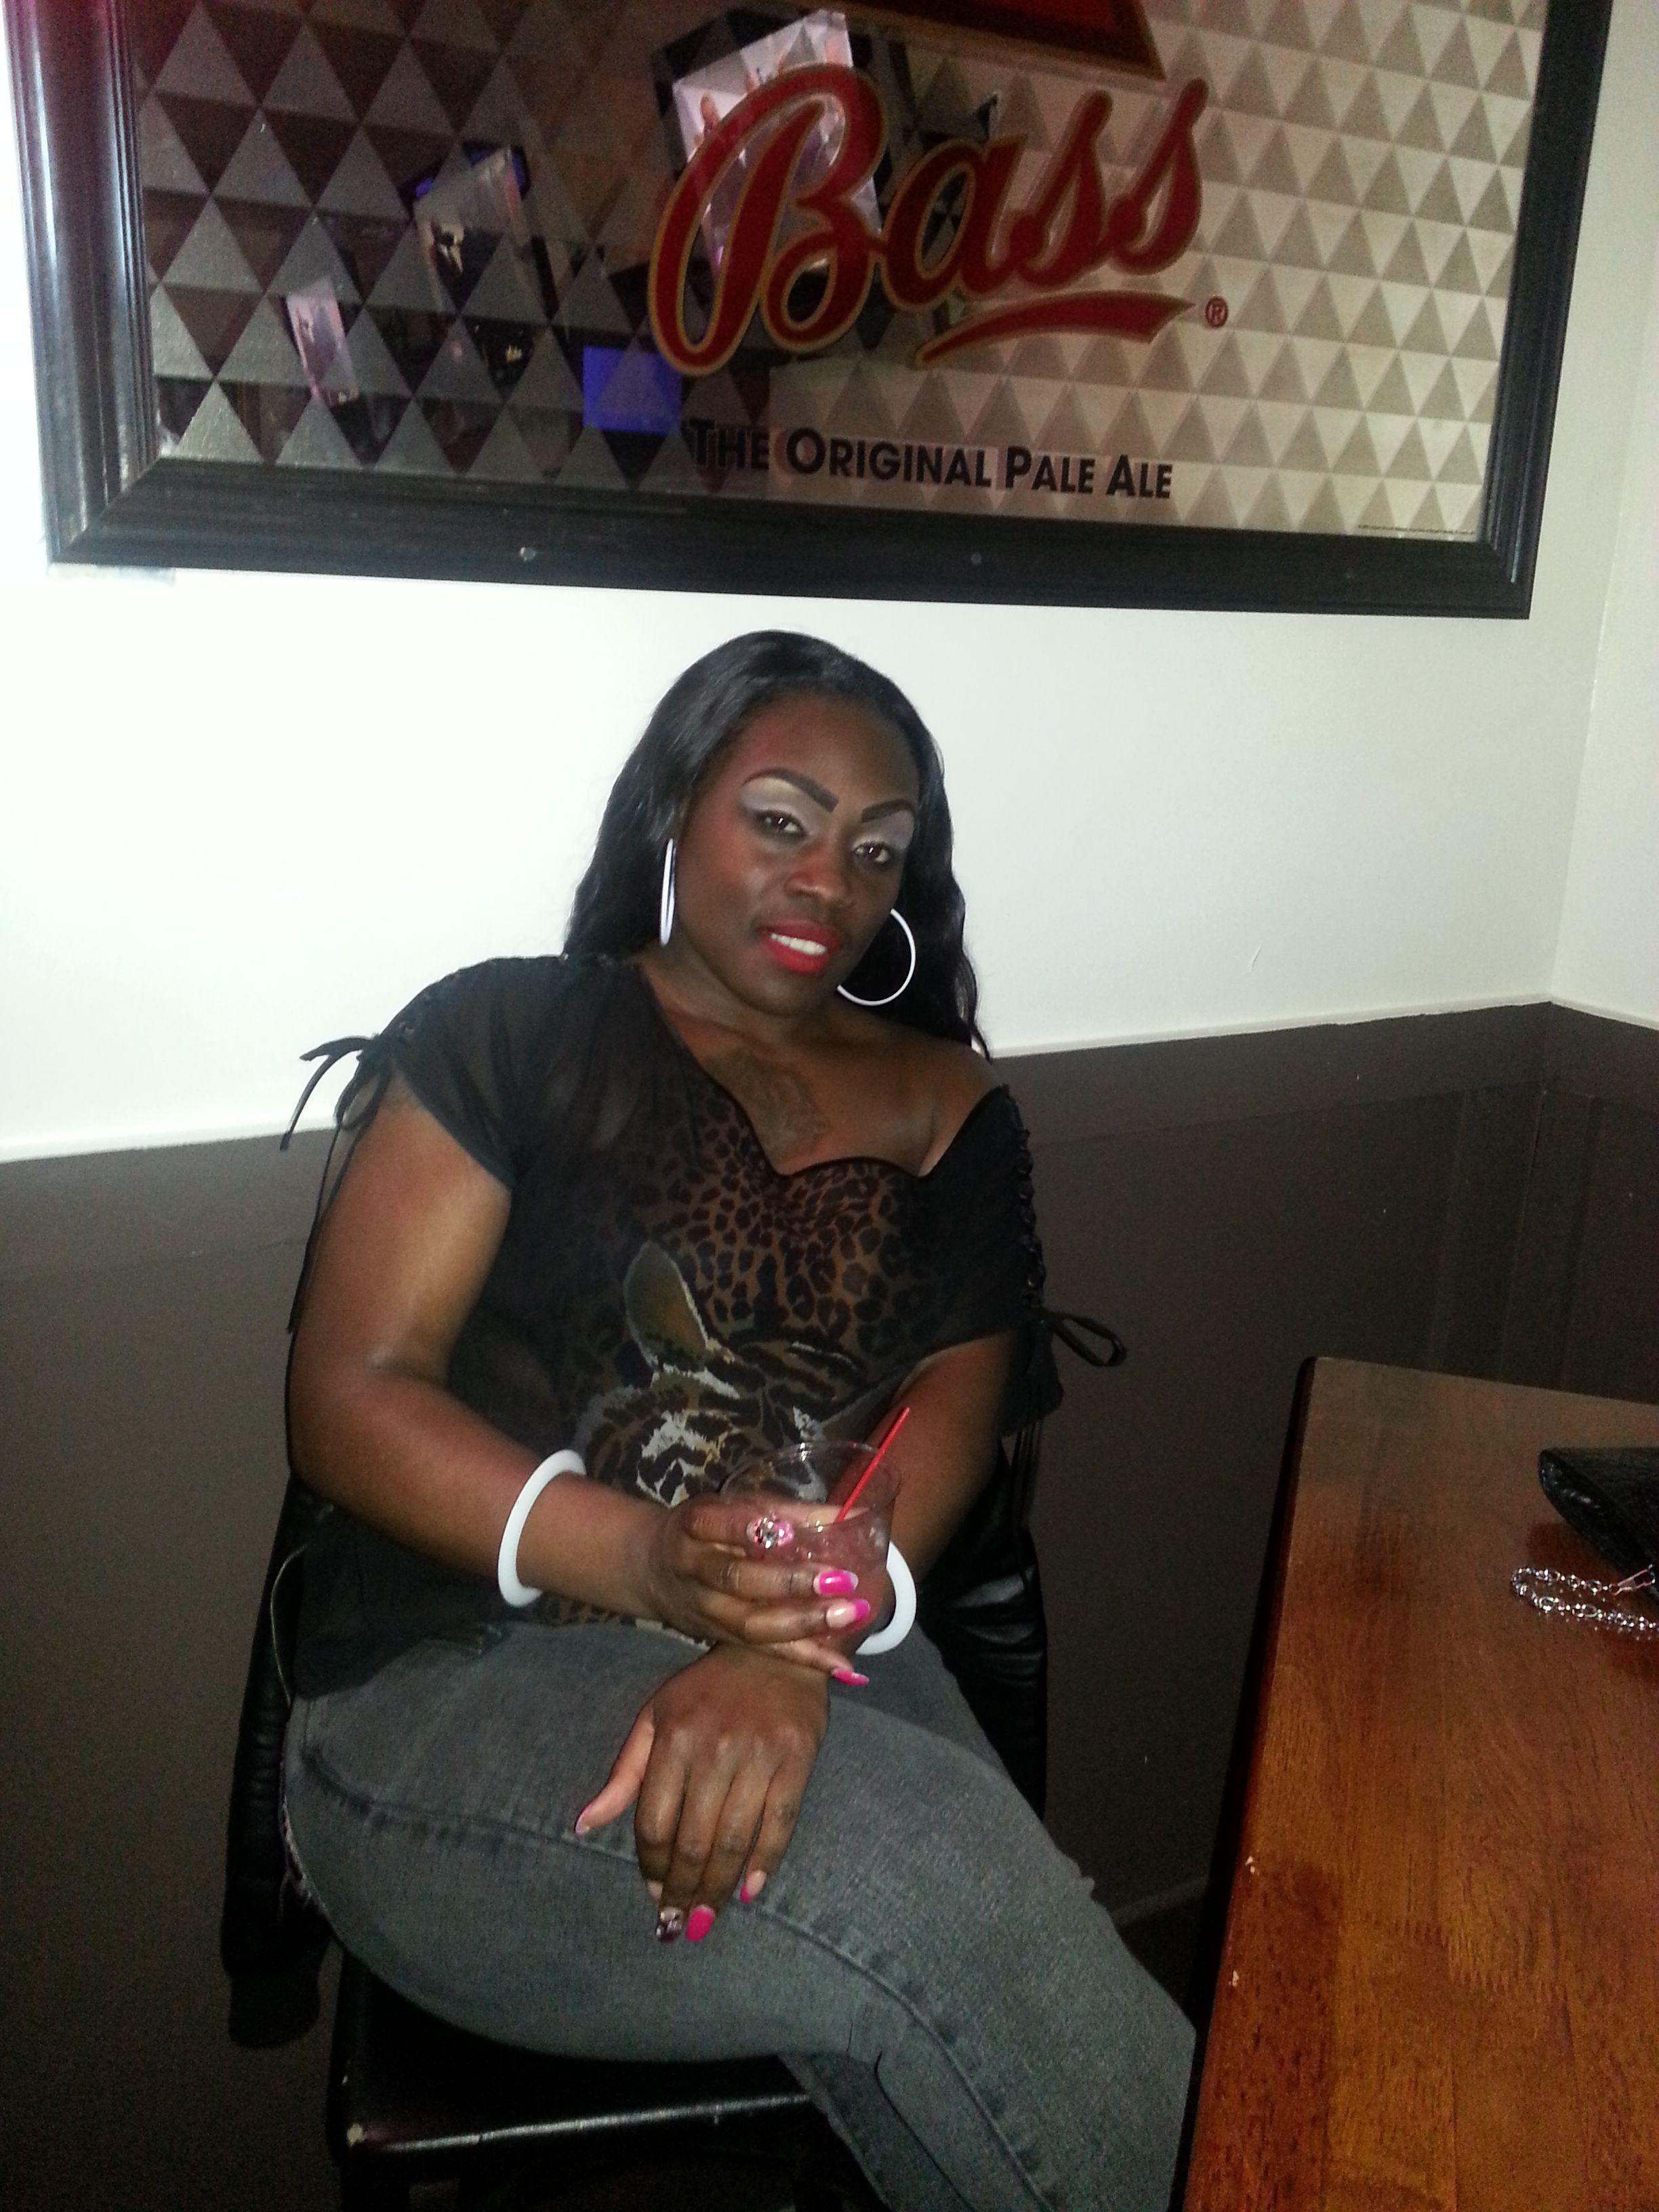 Atlanta Milfs Dating Site Atlanta Milf Personals Atlanta Milf Women